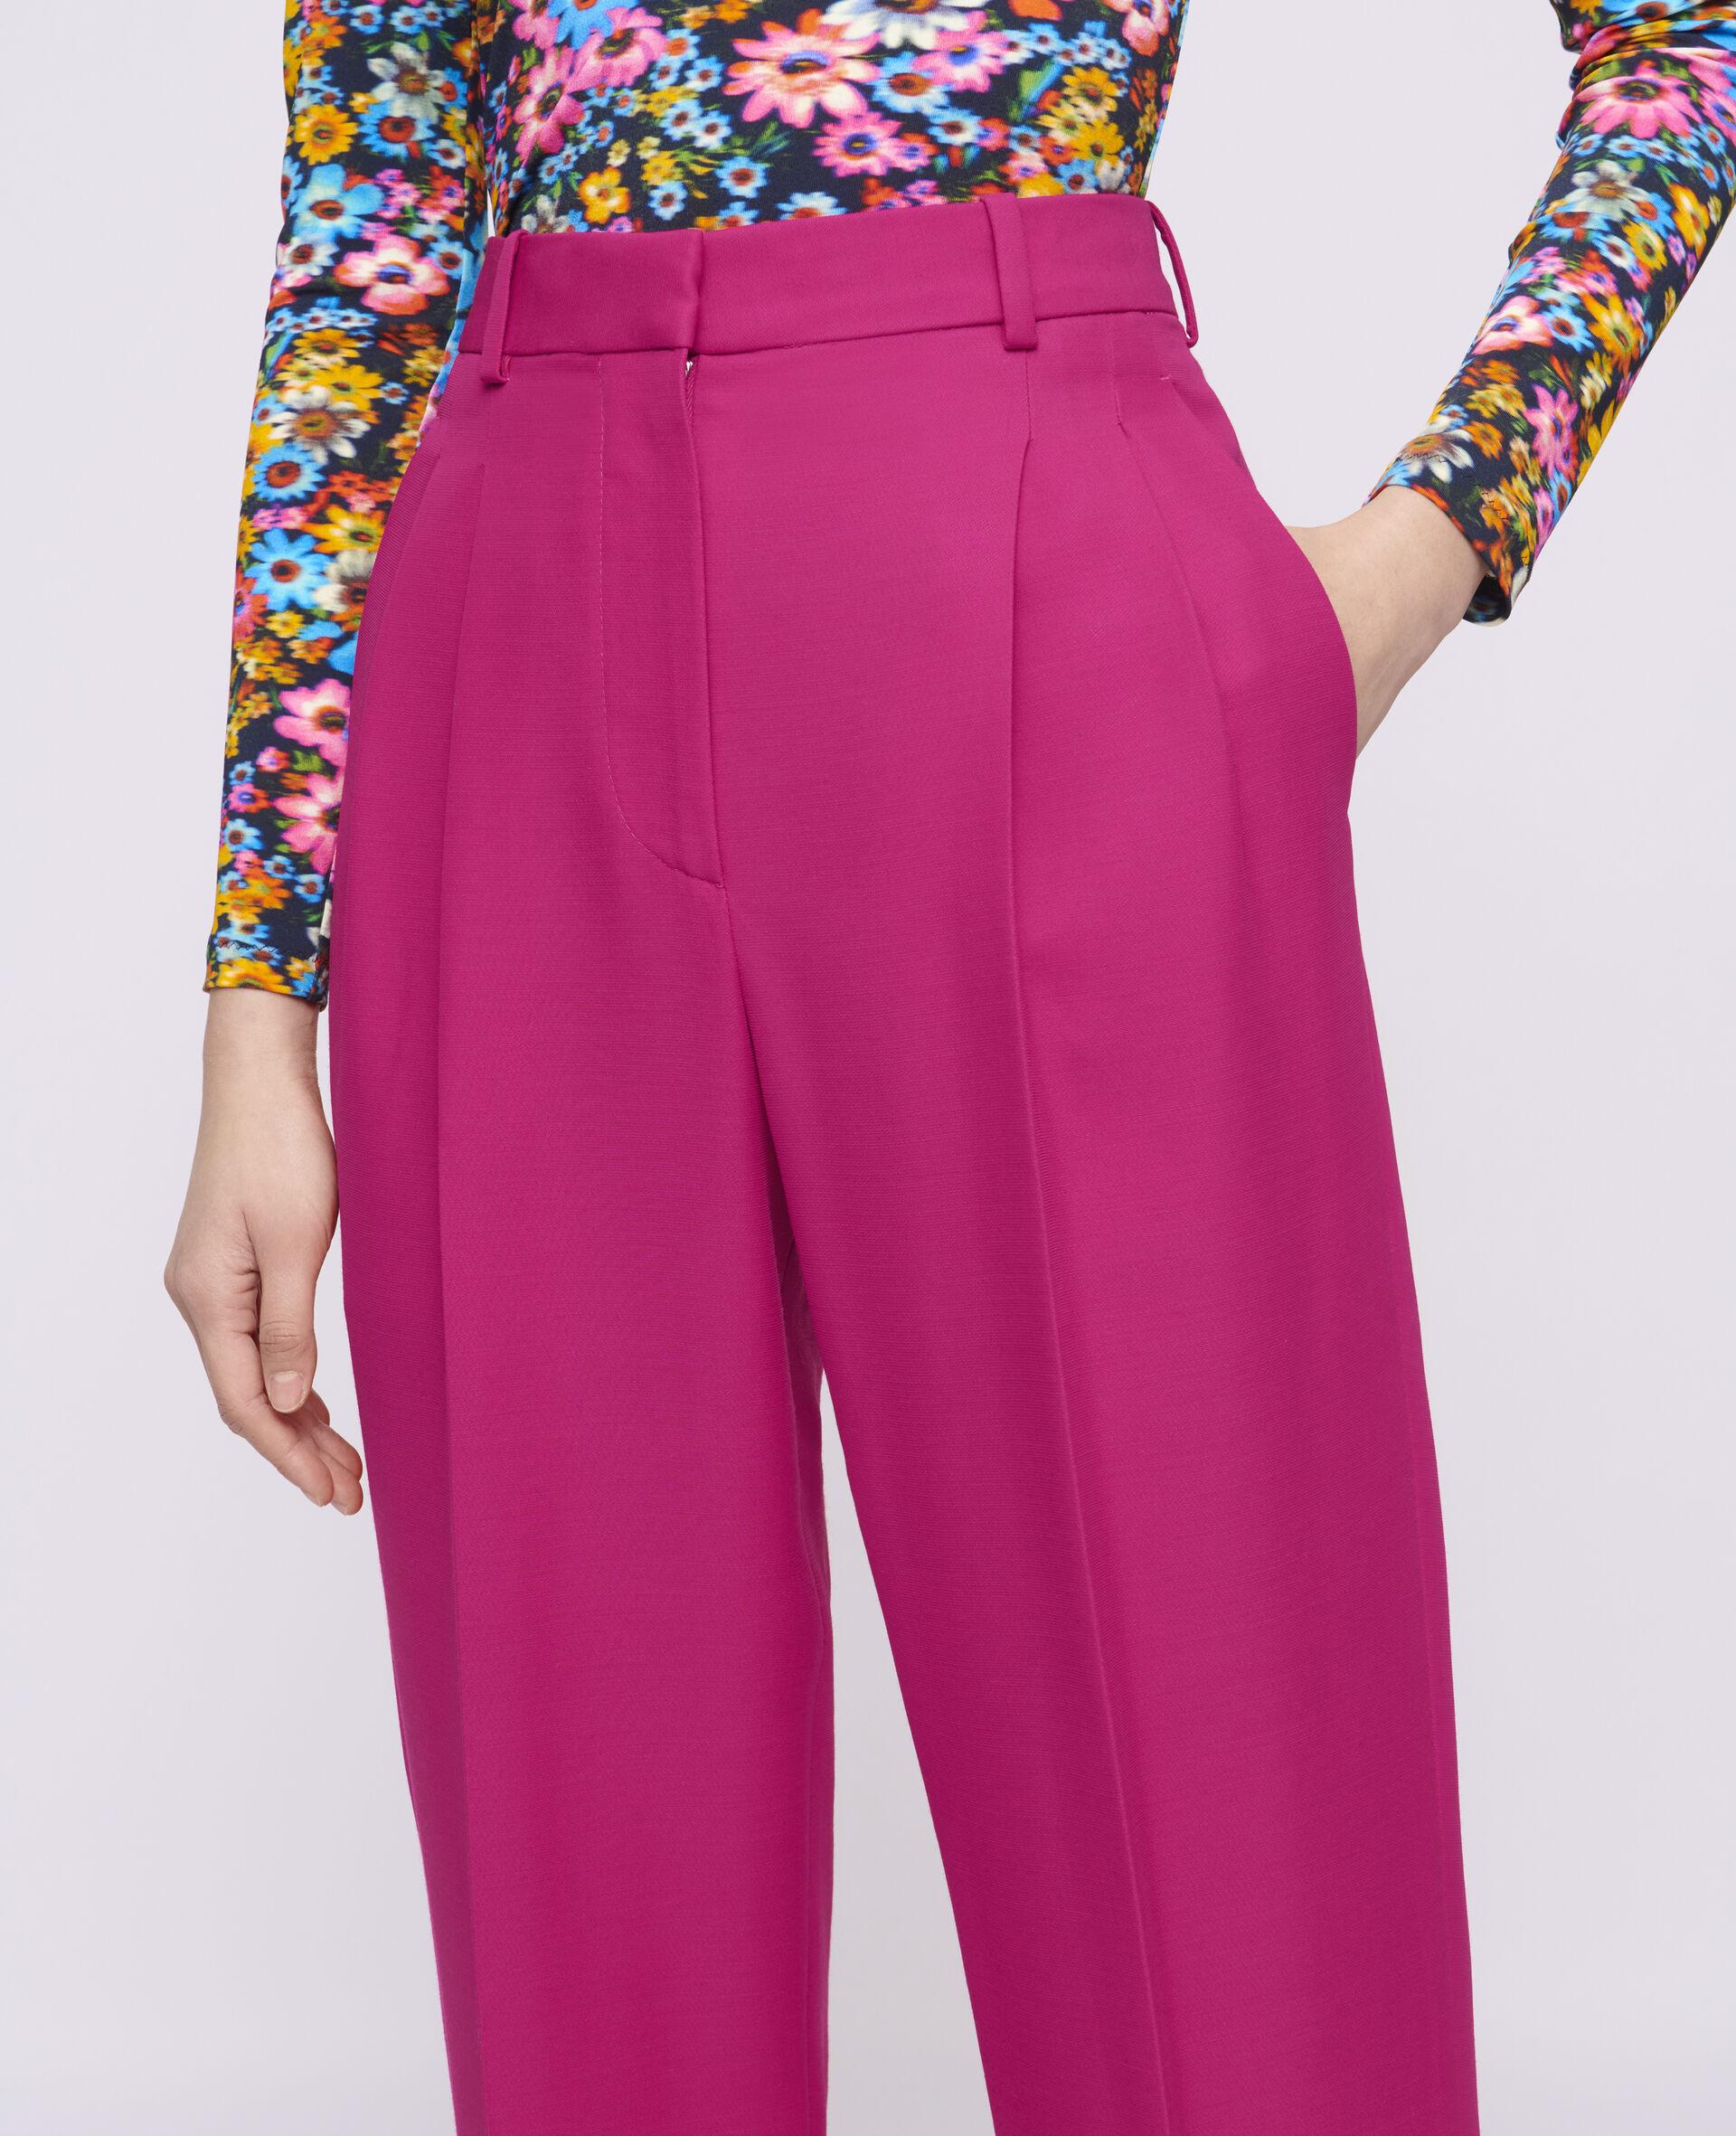 Lara Pants-Pink-large image number 3